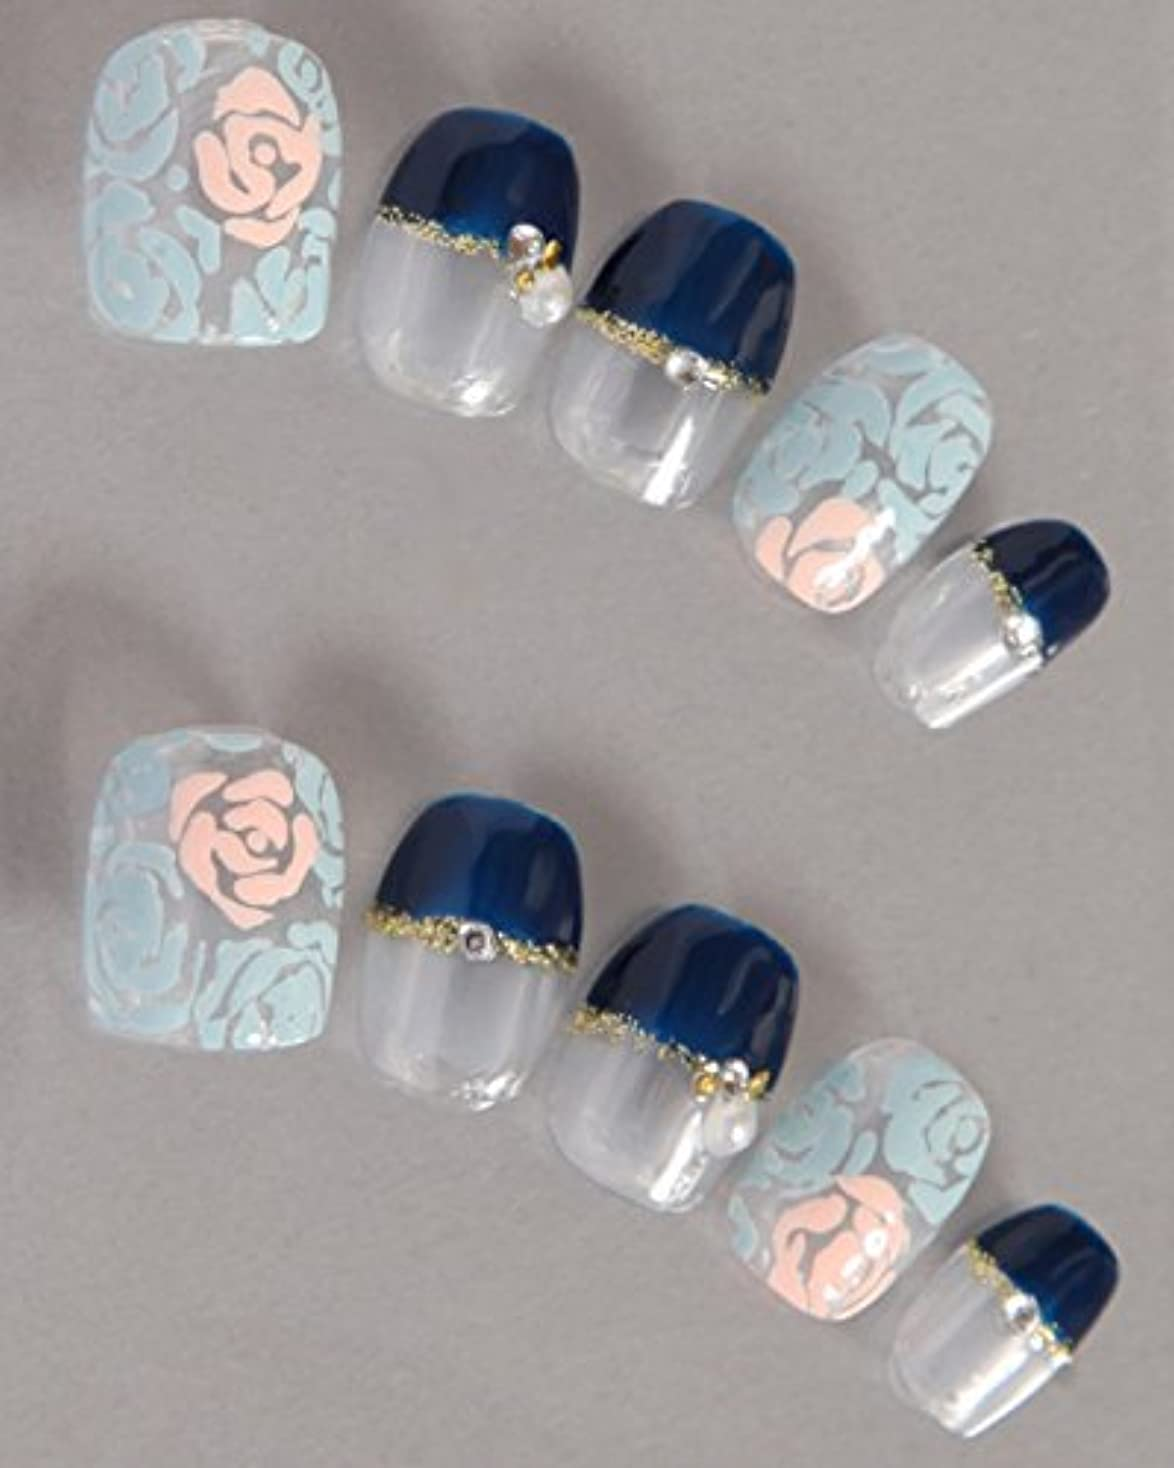 薬剤師まぶしさチョークゆずネイル ネイルチップ 濃ブルー フレンチ バラ ガーリー クール(A12004-Q-C)